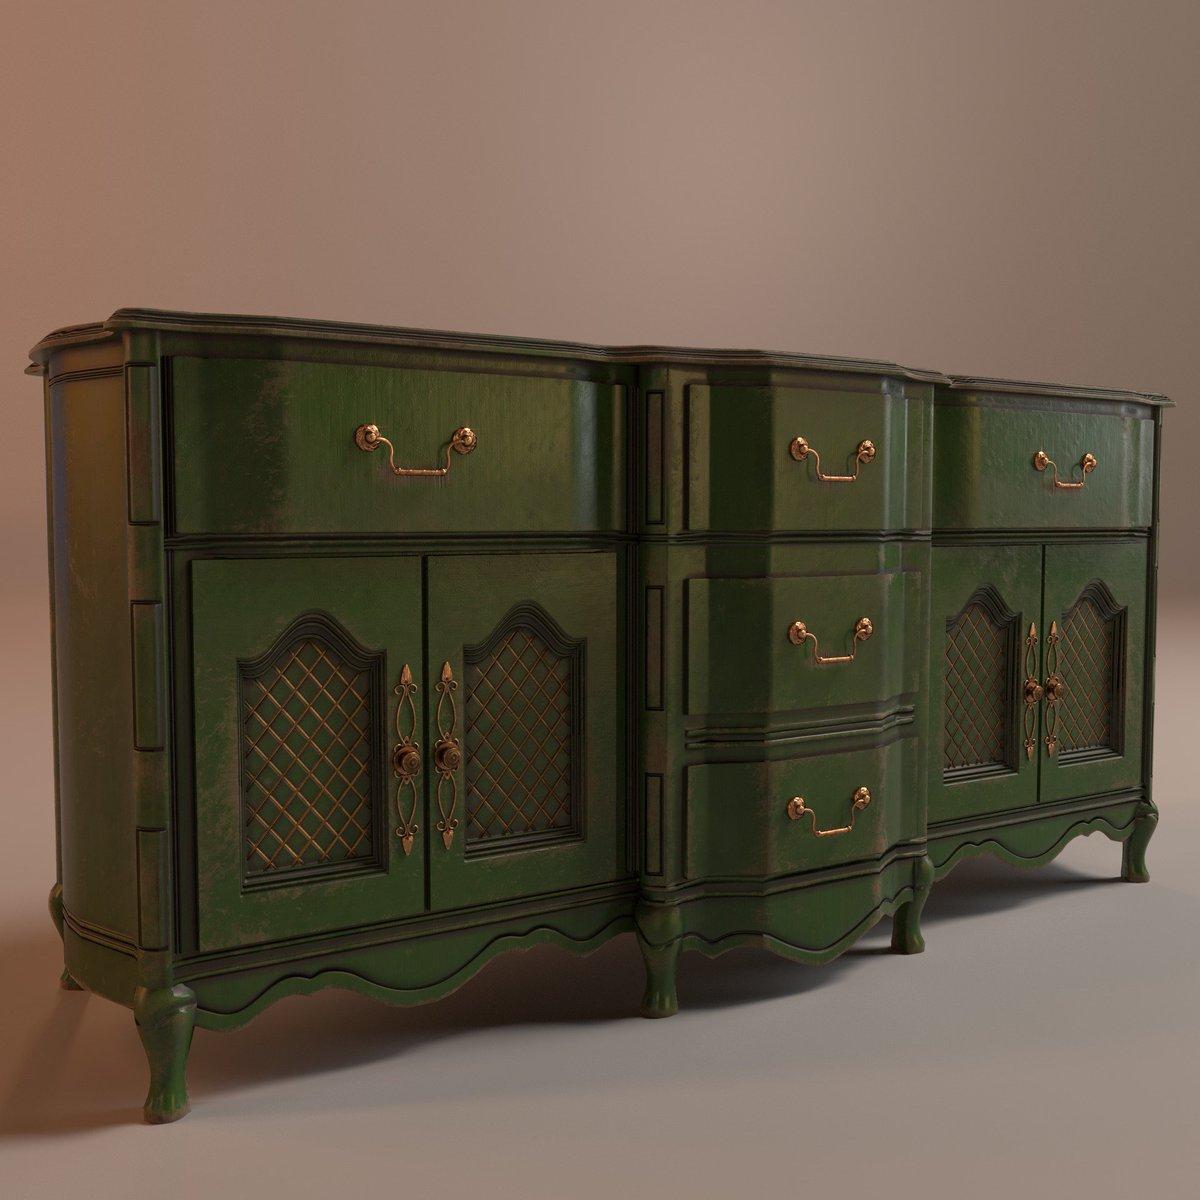 Vintage Green Cabinet With Max Zbursh Allegorithmic Substance Painter Art Pbr Https Goo Gl M1tsbw Pic Twitter Vwehtvlnga